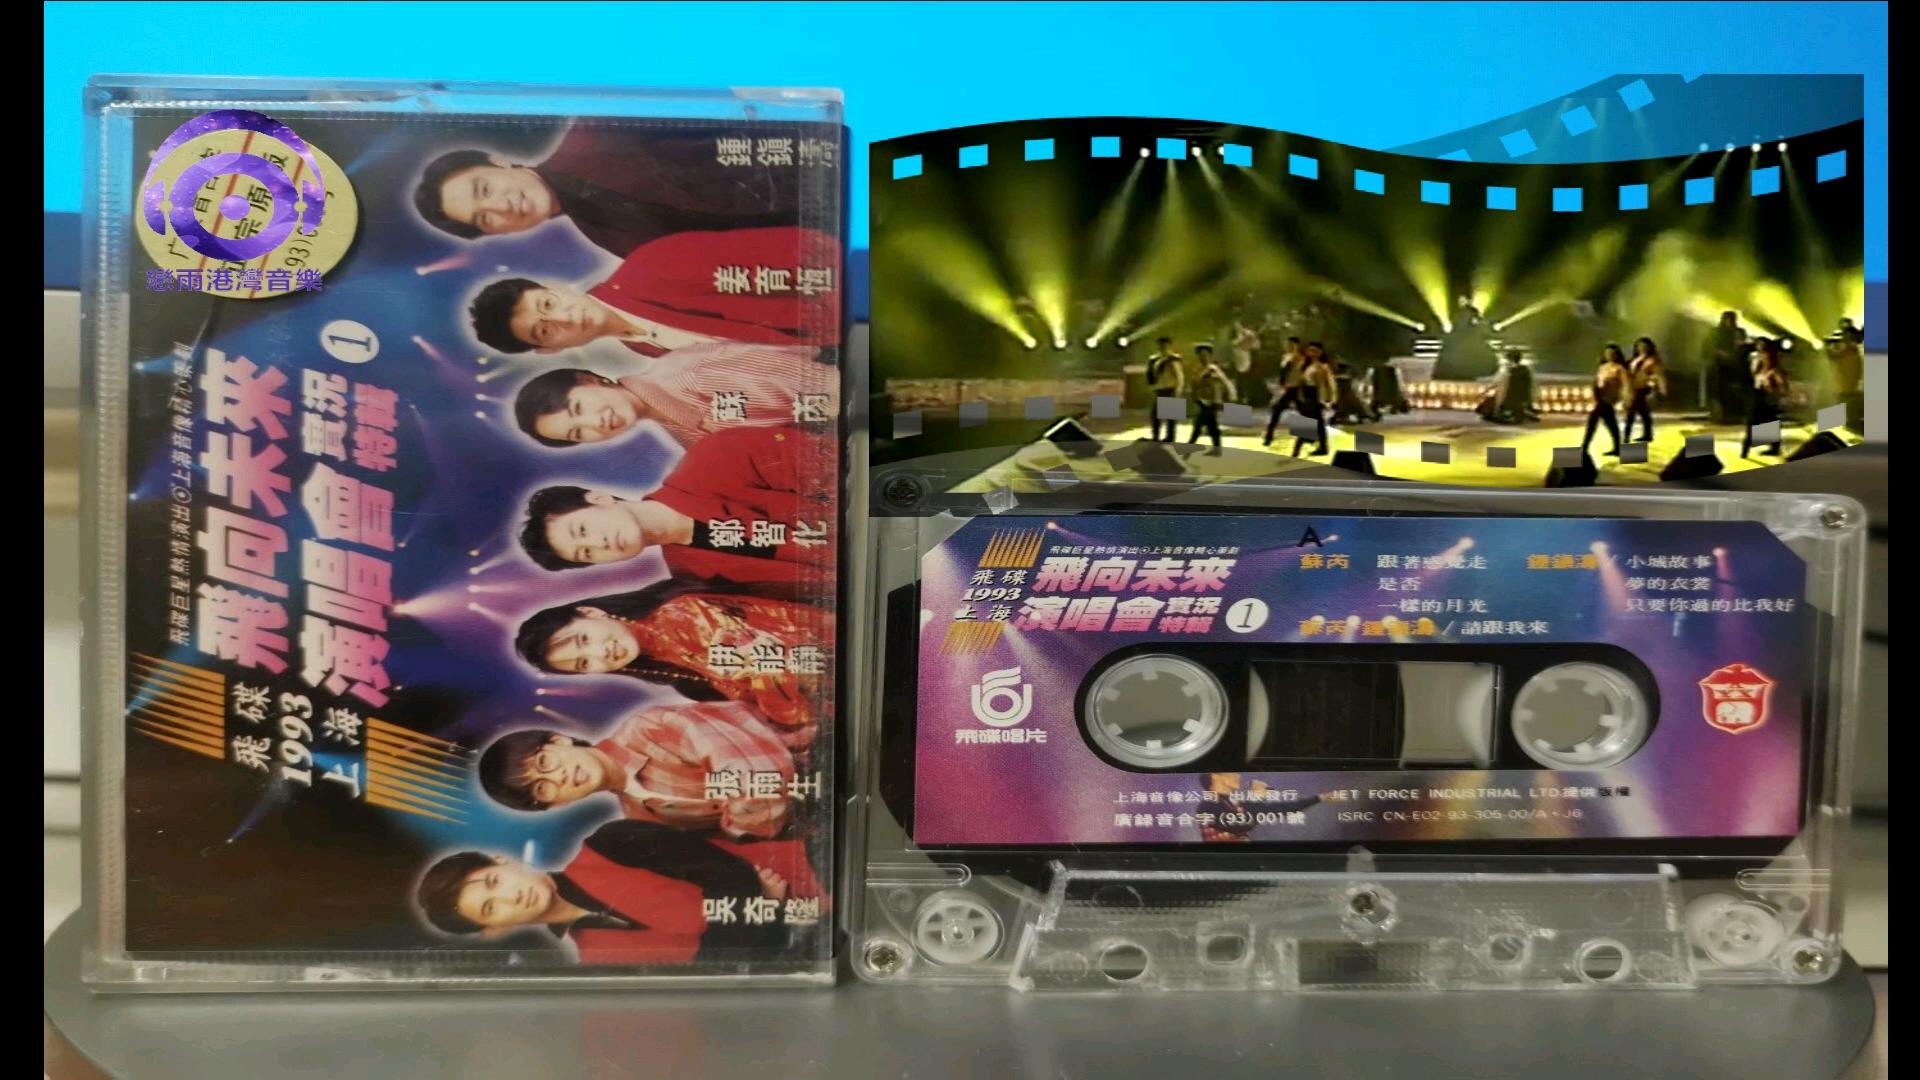 苏芮最后一张专辑_苏芮吧-百度贴吧--如果没有她绝不会有中国流行音乐的新时代 ...